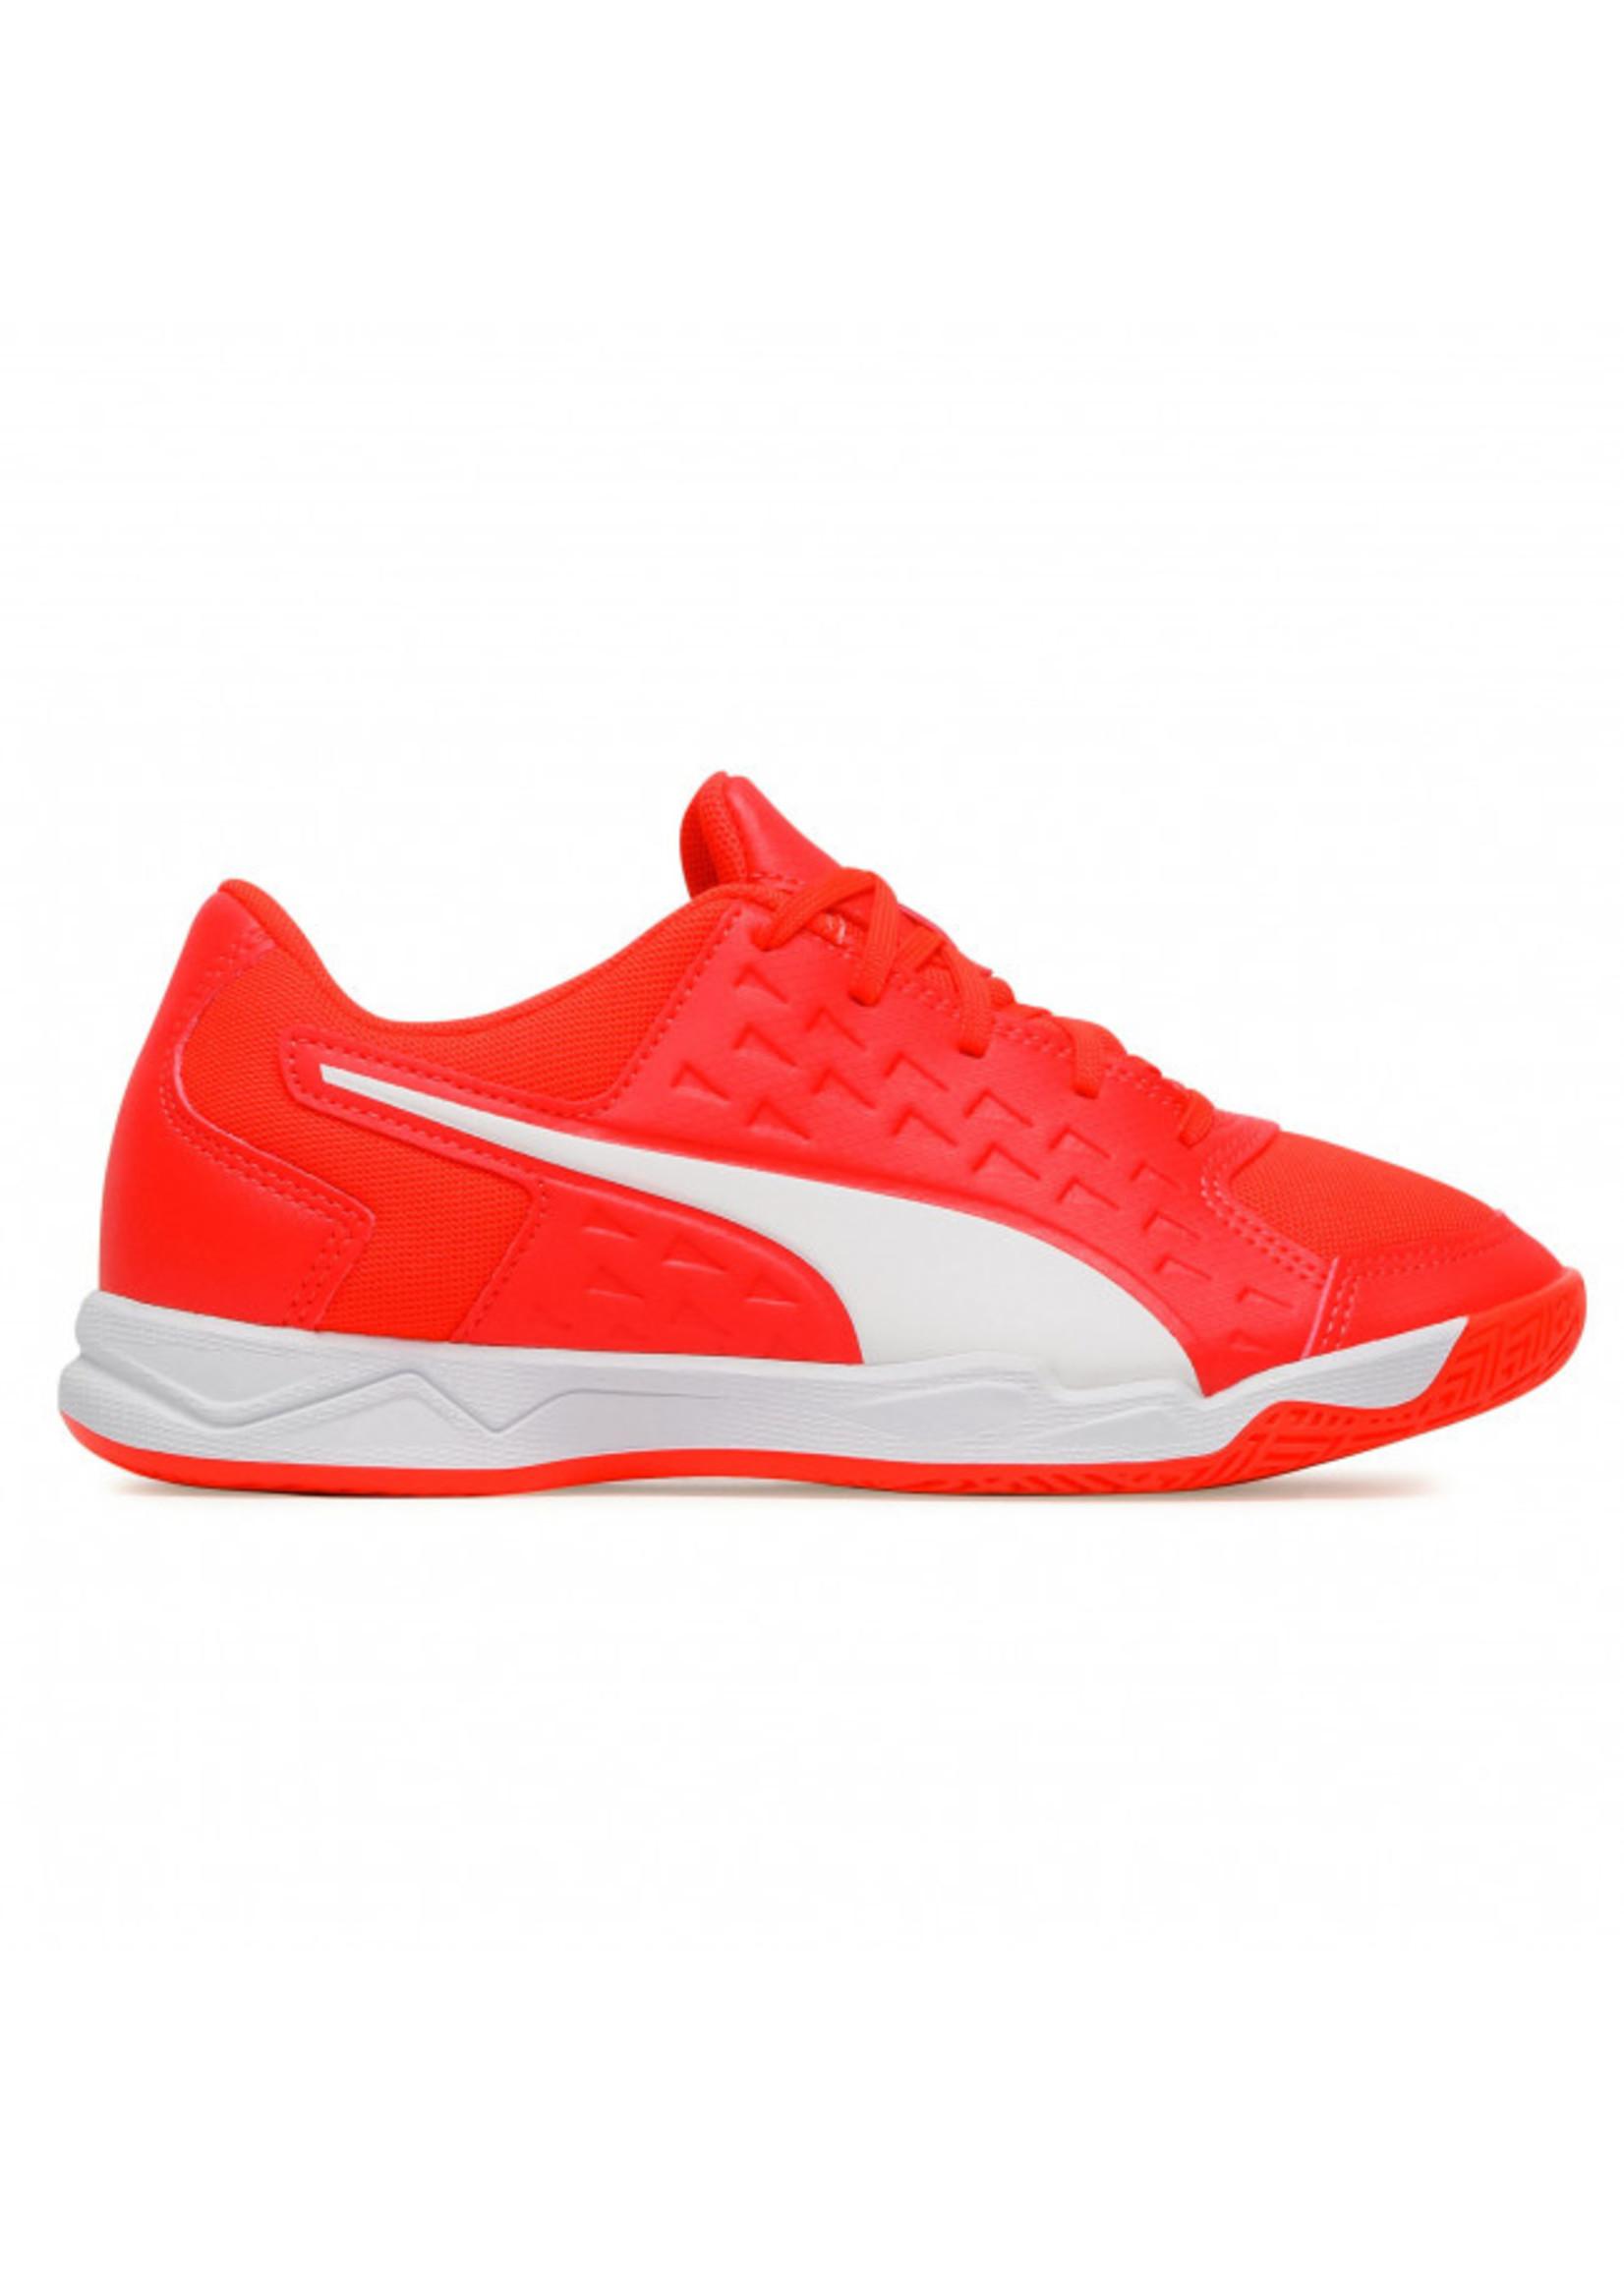 Puma Auriz Jr IN - Red